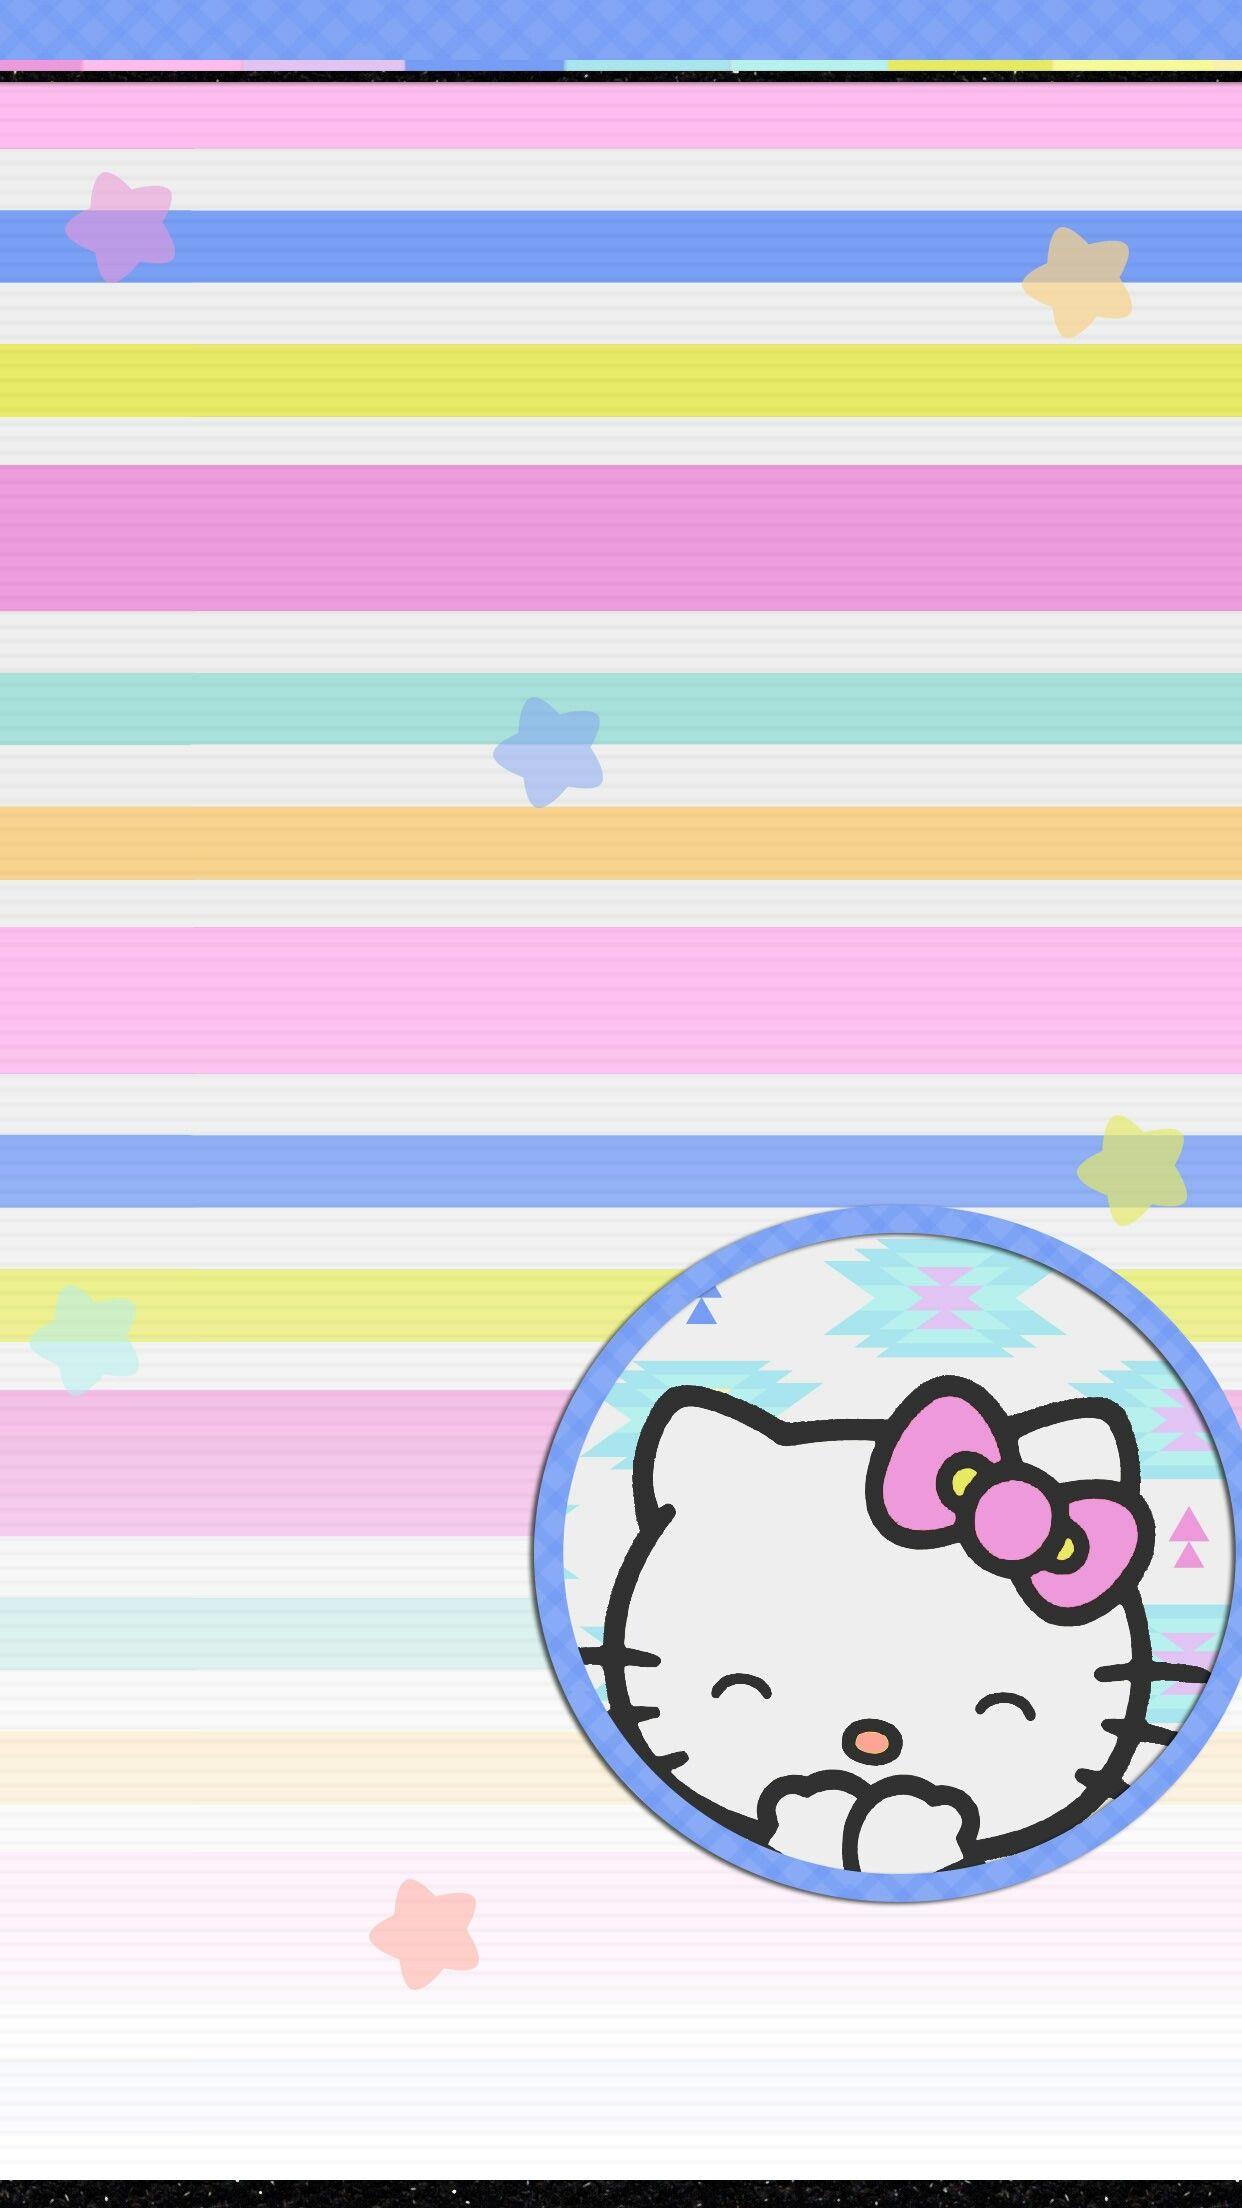 Simple Wallpaper Hello Kitty Wall - 8efa8bb95f2cca6312334a2305c35d2f  2018_337819.jpg